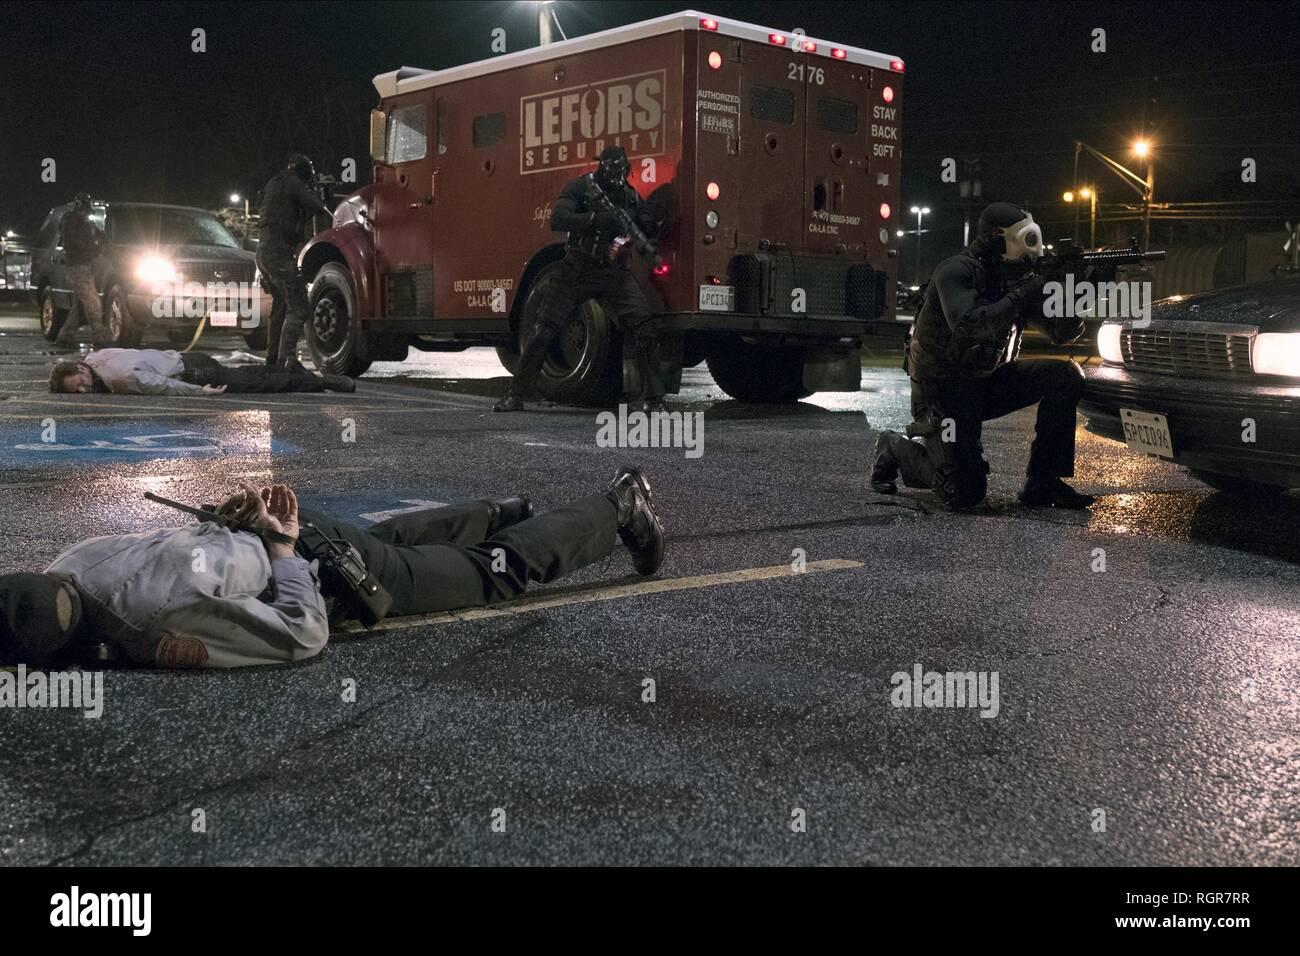 La rapina a mano armata scena spelonca di ladri (2018) Immagini Stock